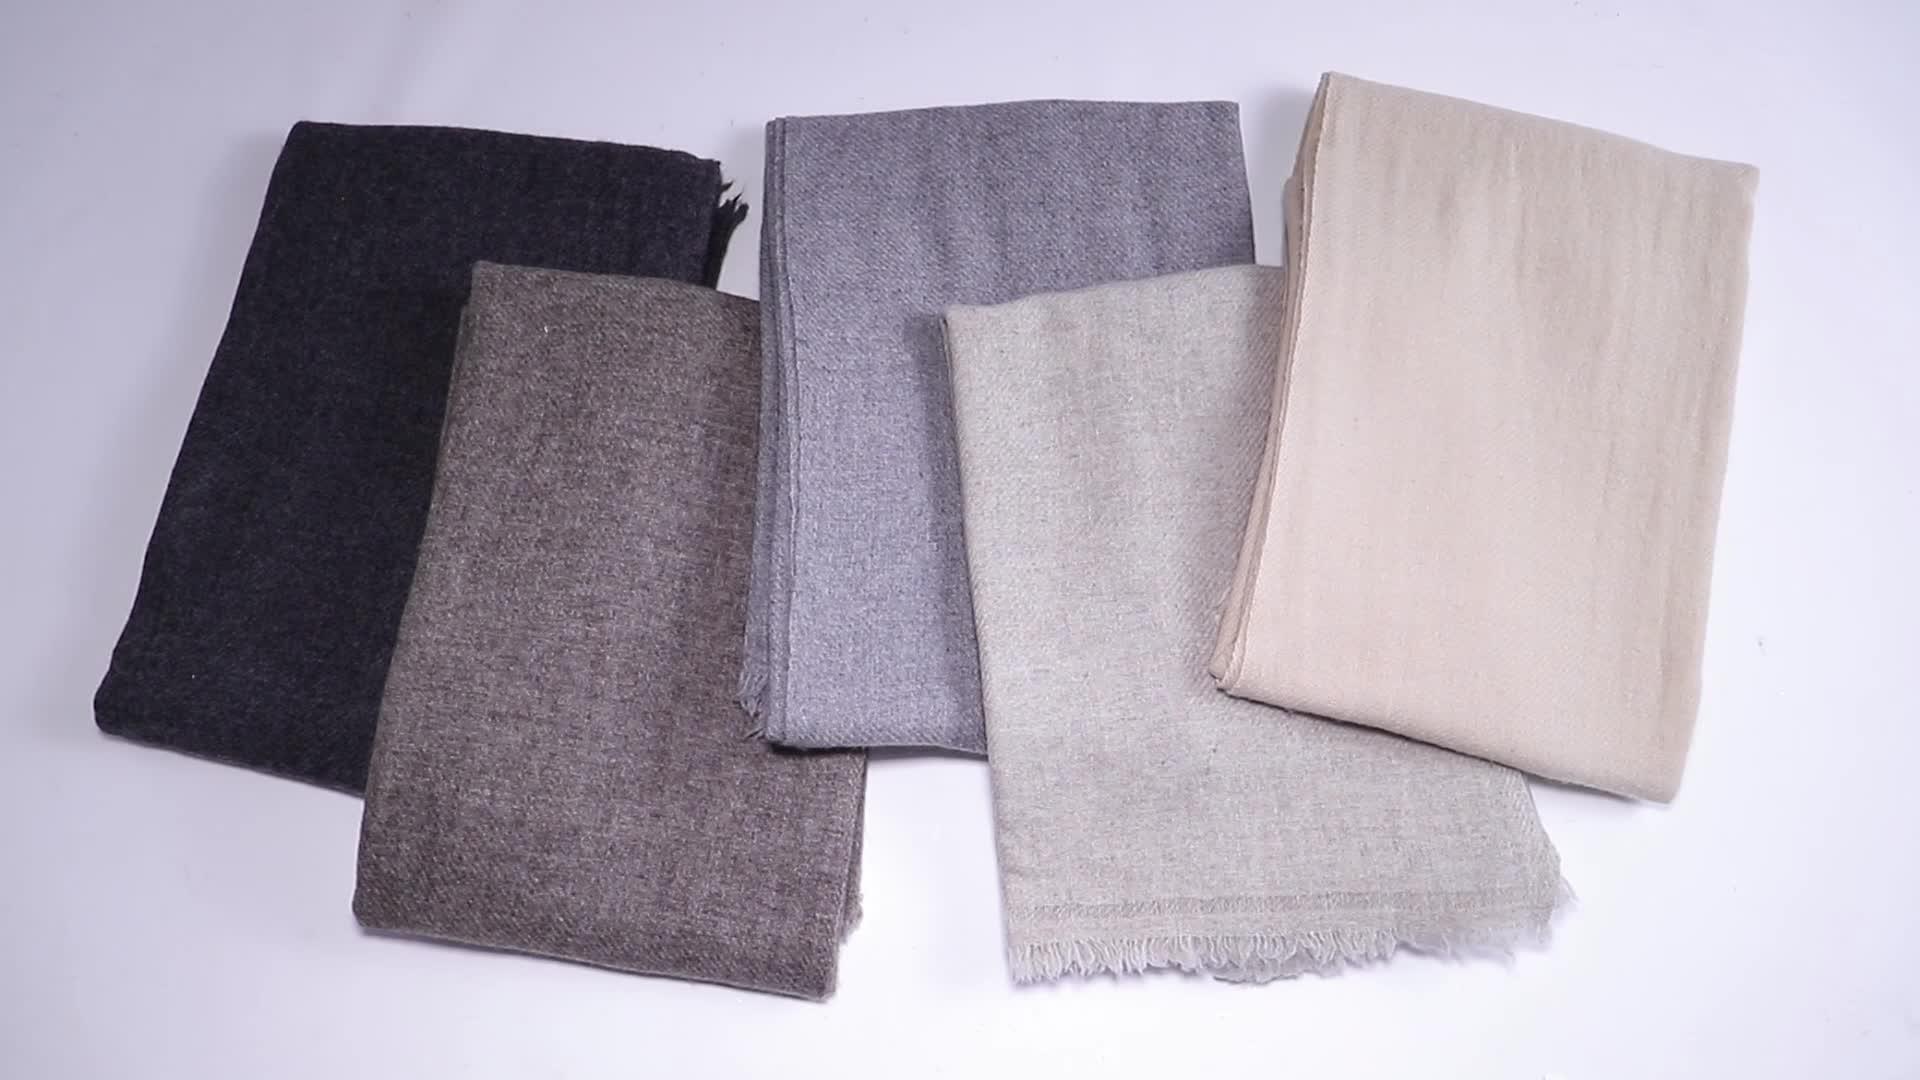 ネパールファッション手作りユニセックス純粋な原色自由ソフトカシミヤスカーフ